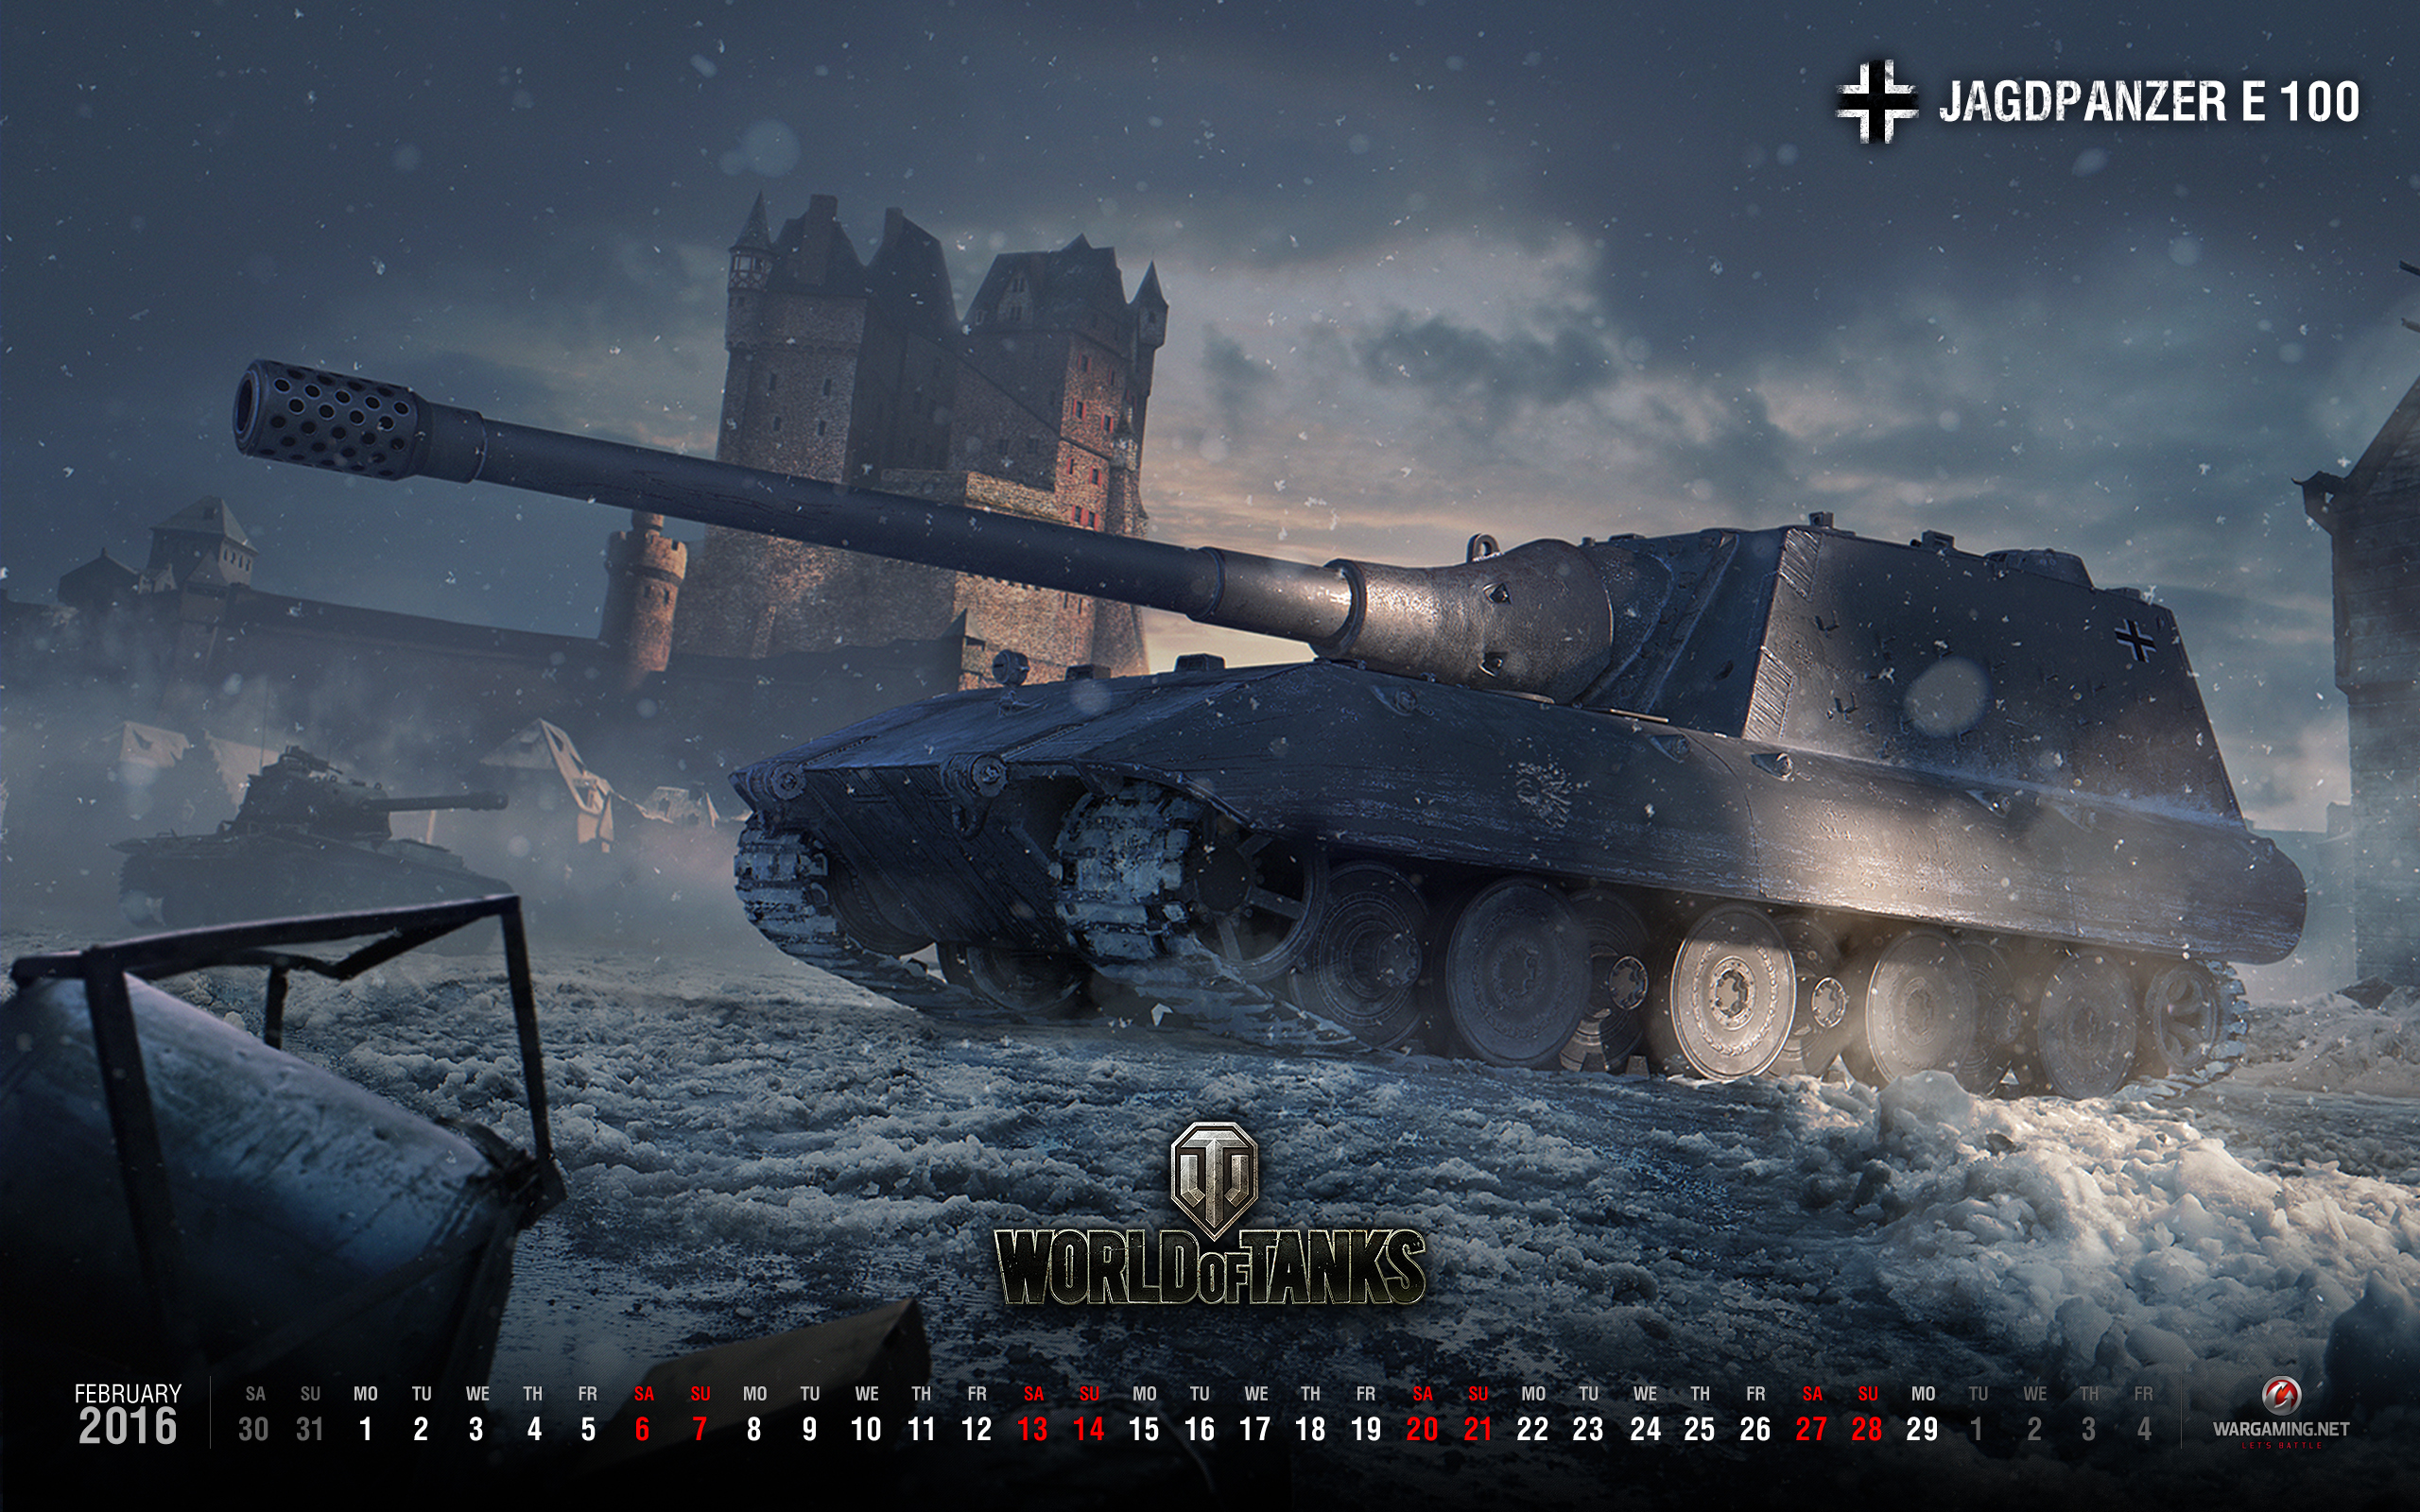 Wallpaper For February 2016 Tanks World Of Tanks Media